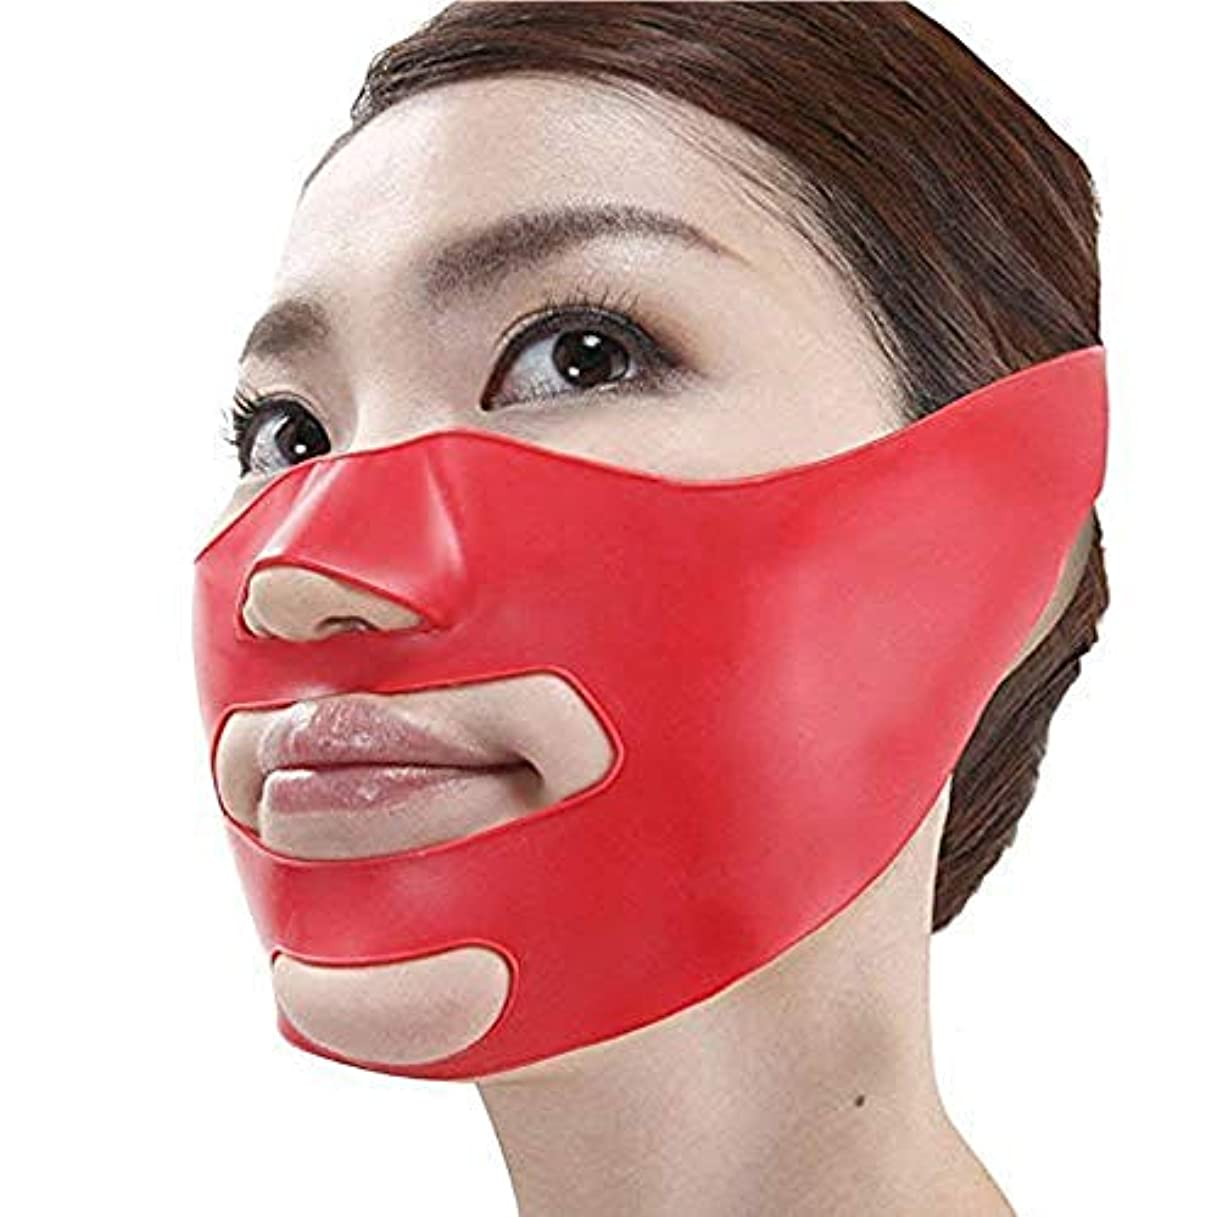 断線恒久的やさしいLindexs 小顔矯正 マスク 小顔補正ベルト ほうれい線 3Dエクササイズマスク リフトスリムマスク 抗シワ サウナマスク 法令線予防 美容グッ (フリーサイズ)